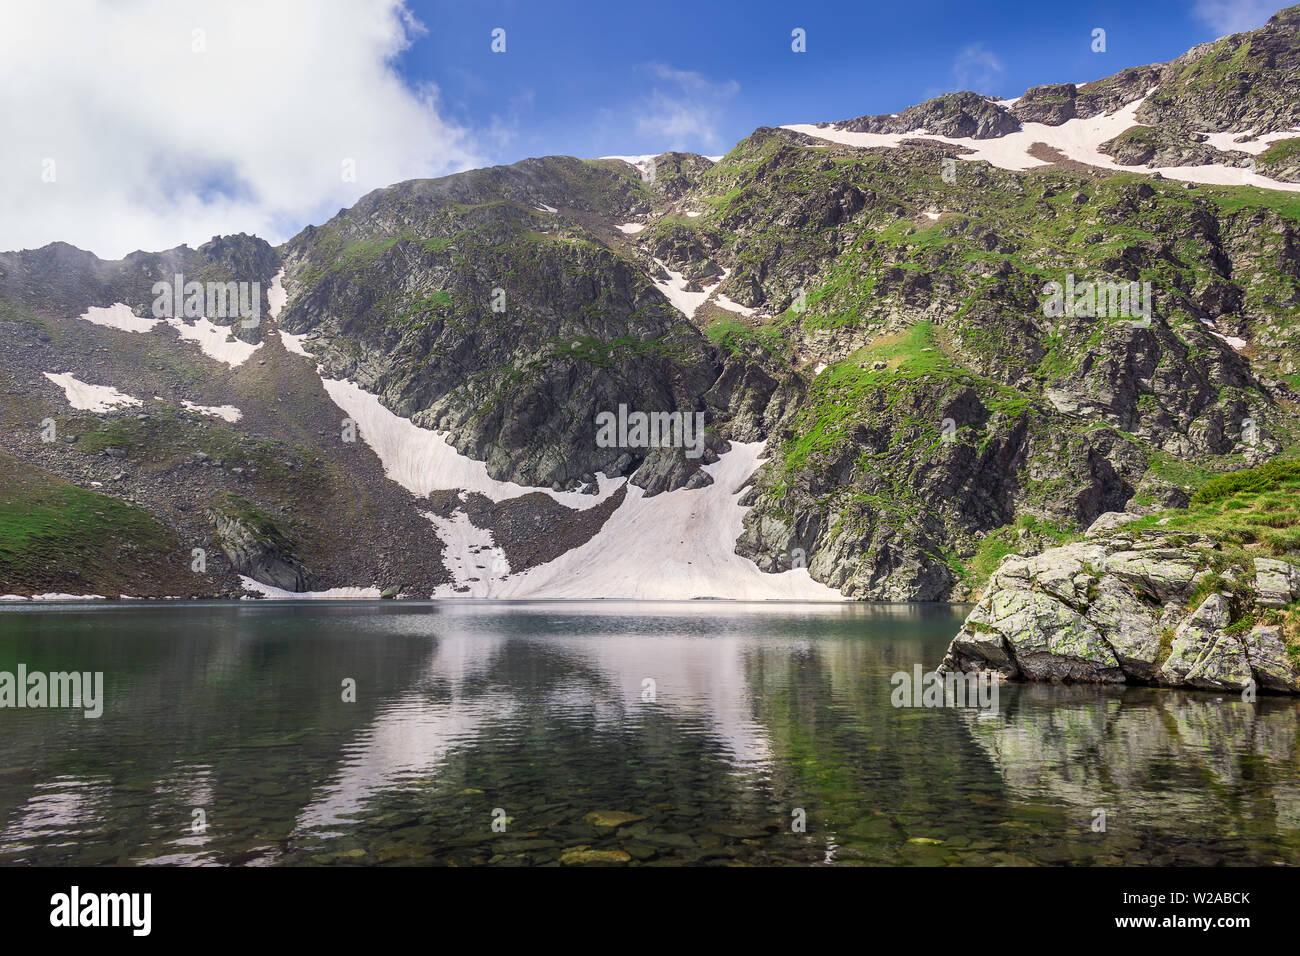 La pasto verde sobre un altiplano rocoso y picos del macizo de Rila y el reflejo en el agua limpia del Ojo del lago glacial, uno de los siete lagos de Rila Foto de stock